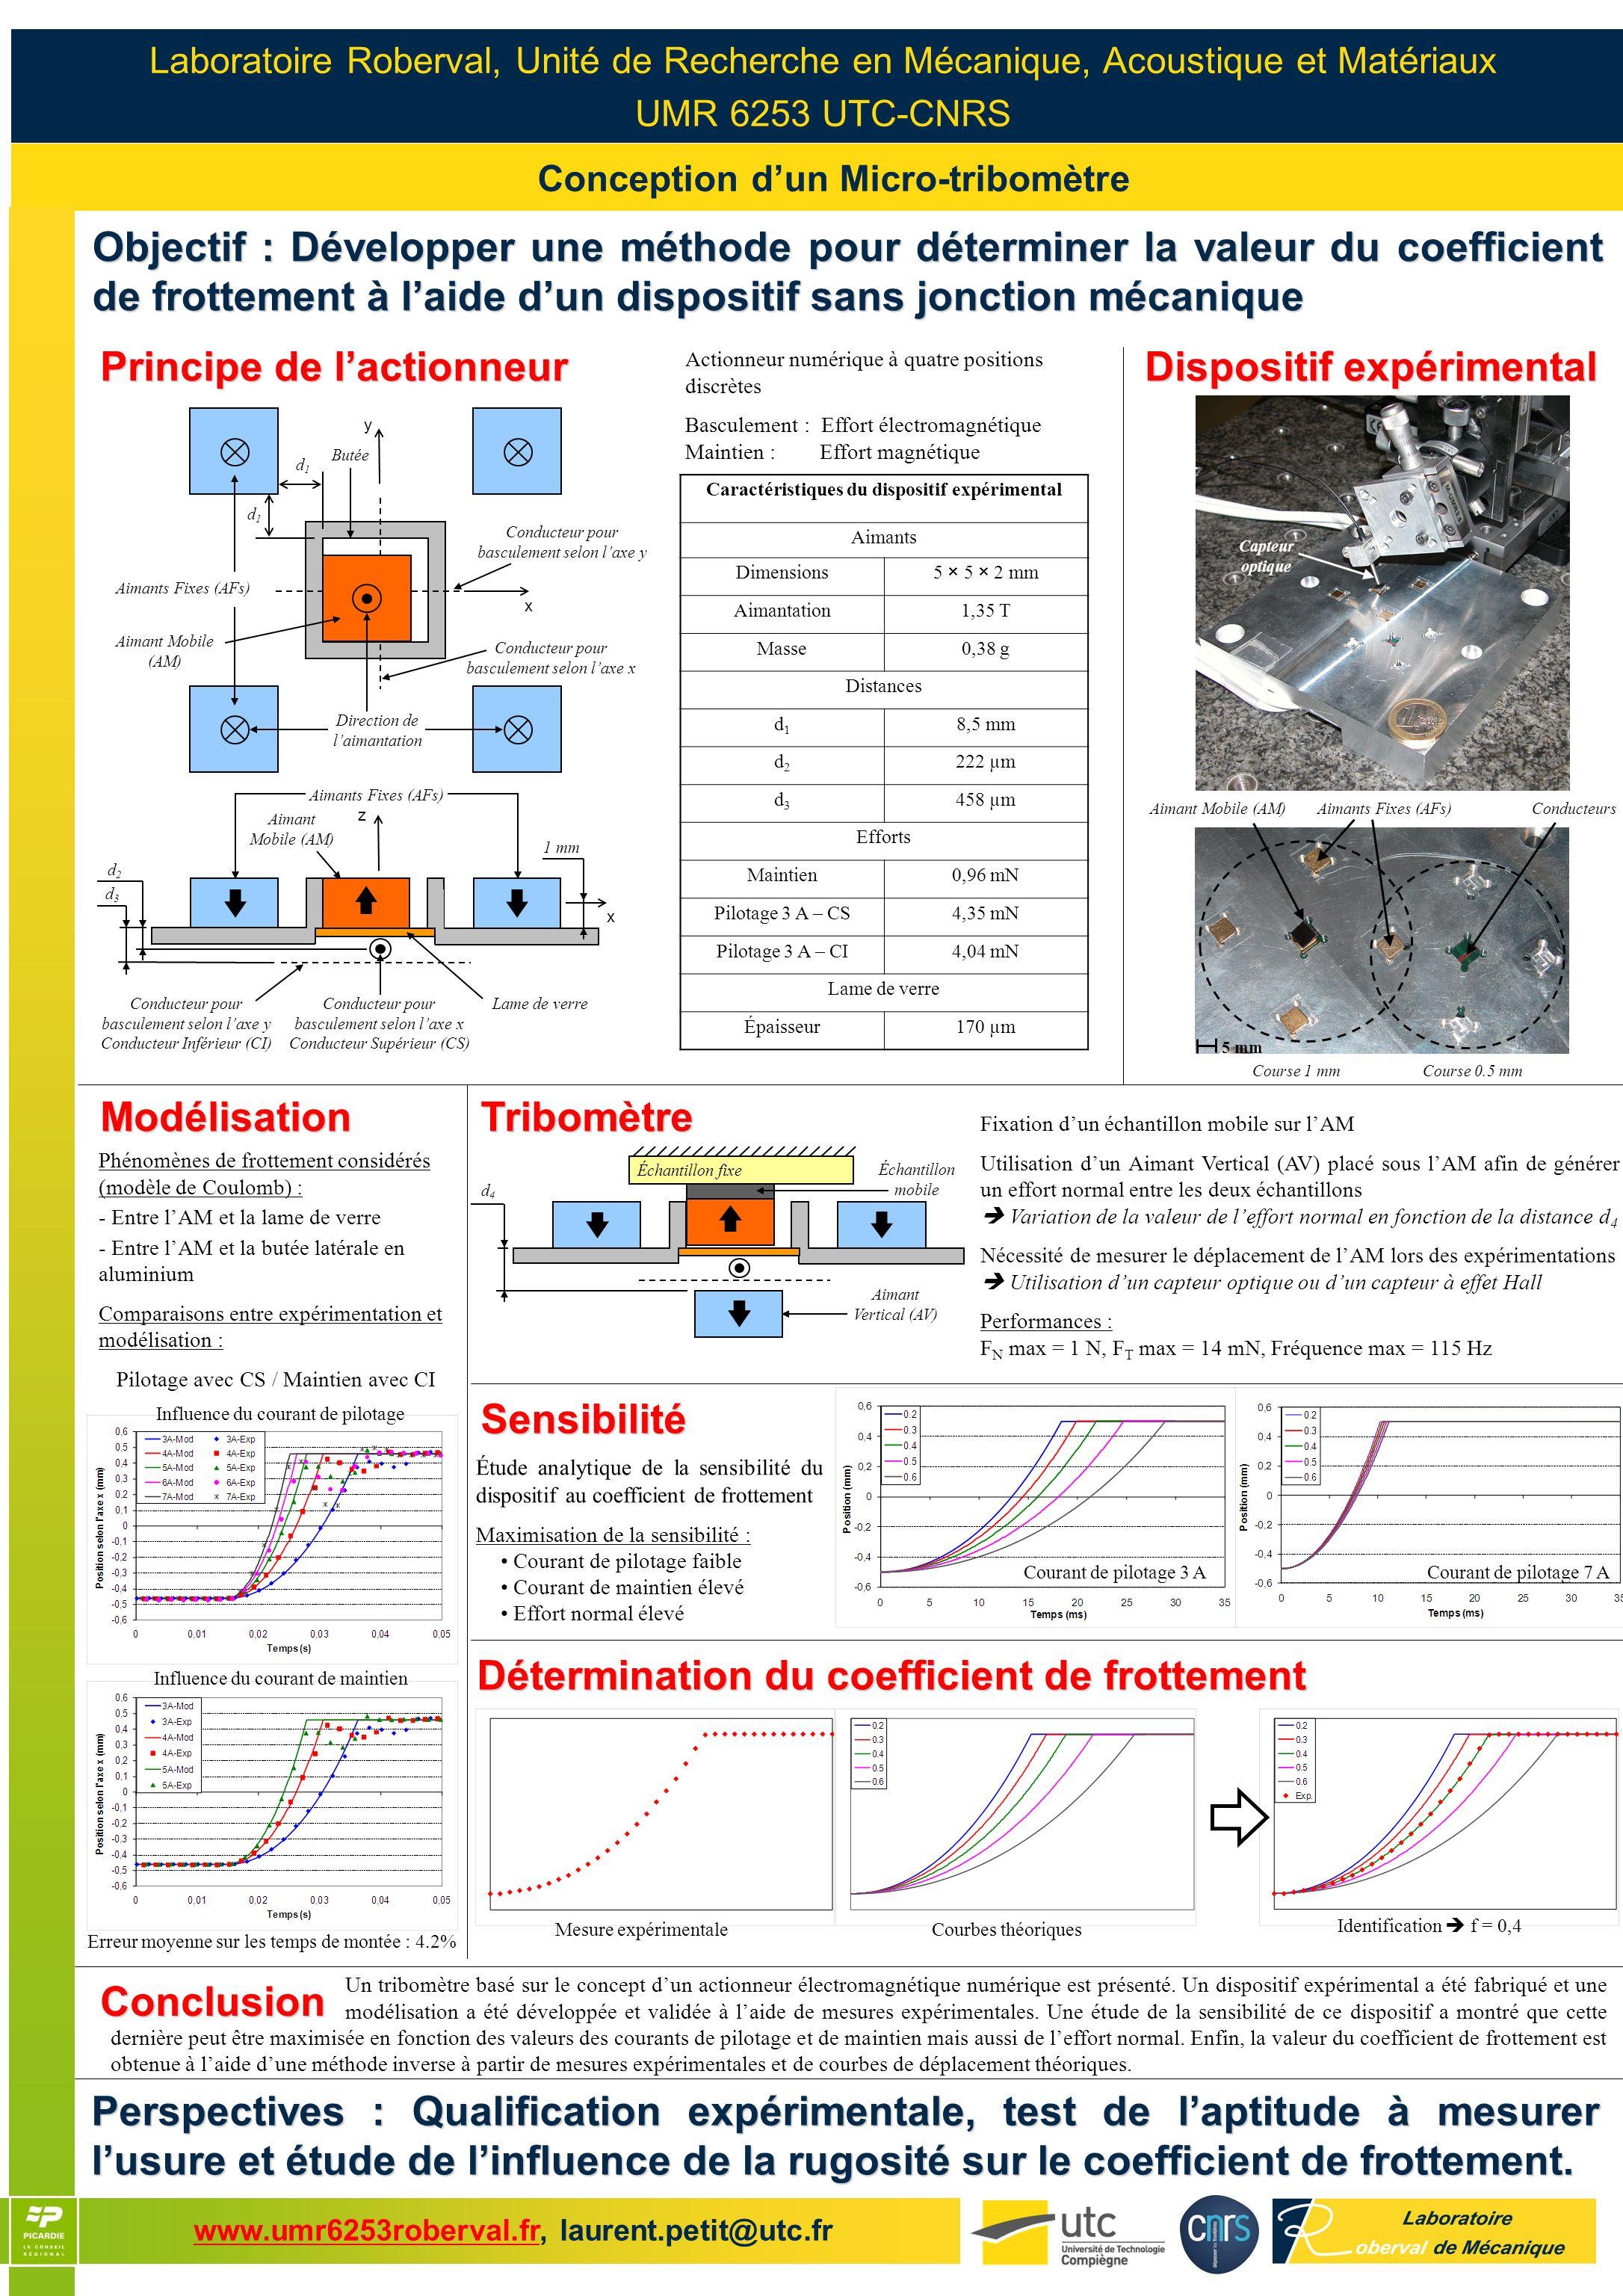 www.umr6253roberval.fr, laurent.petit@utc.frwww.umr6253roberval.fr Conception dun Micro-tribomètre Laboratoire Roberval, Unité de Recherche en Mécaniq